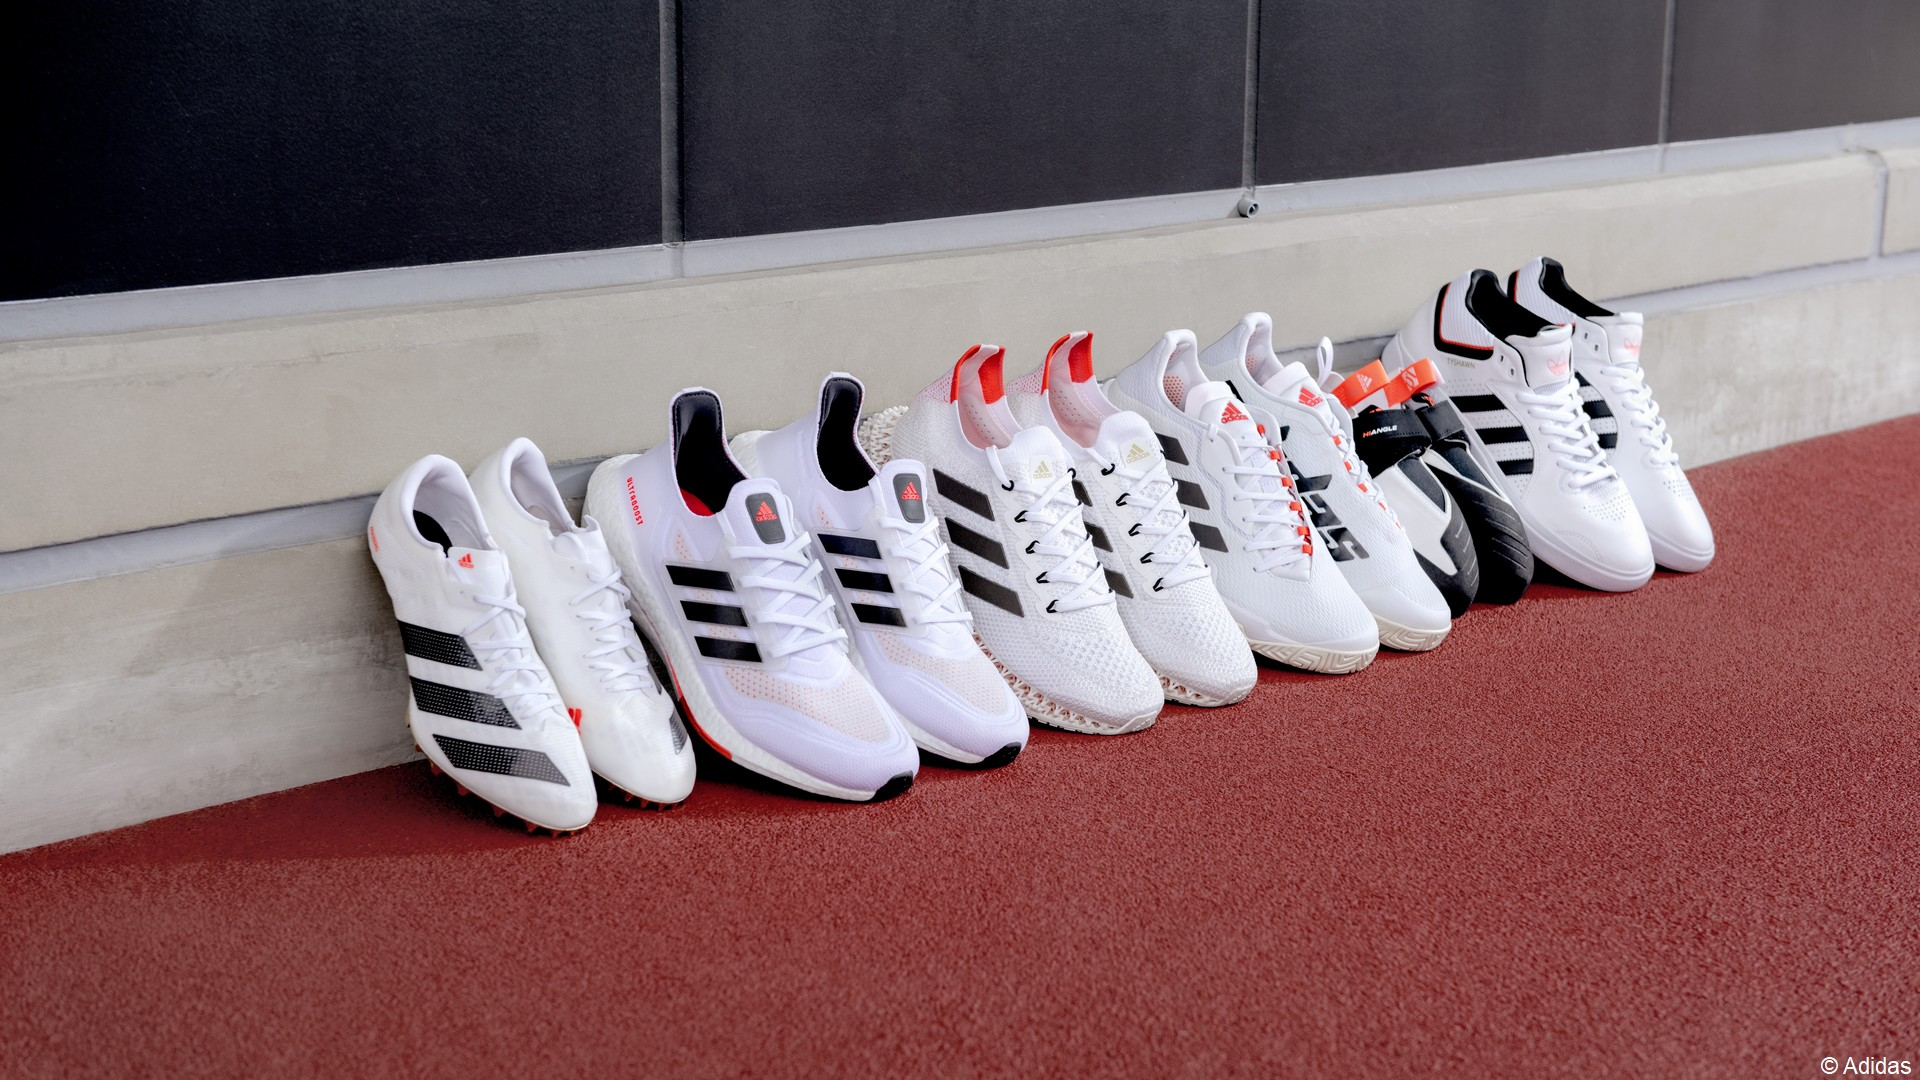 Adidas – Collection Tokyo 2020 (2)